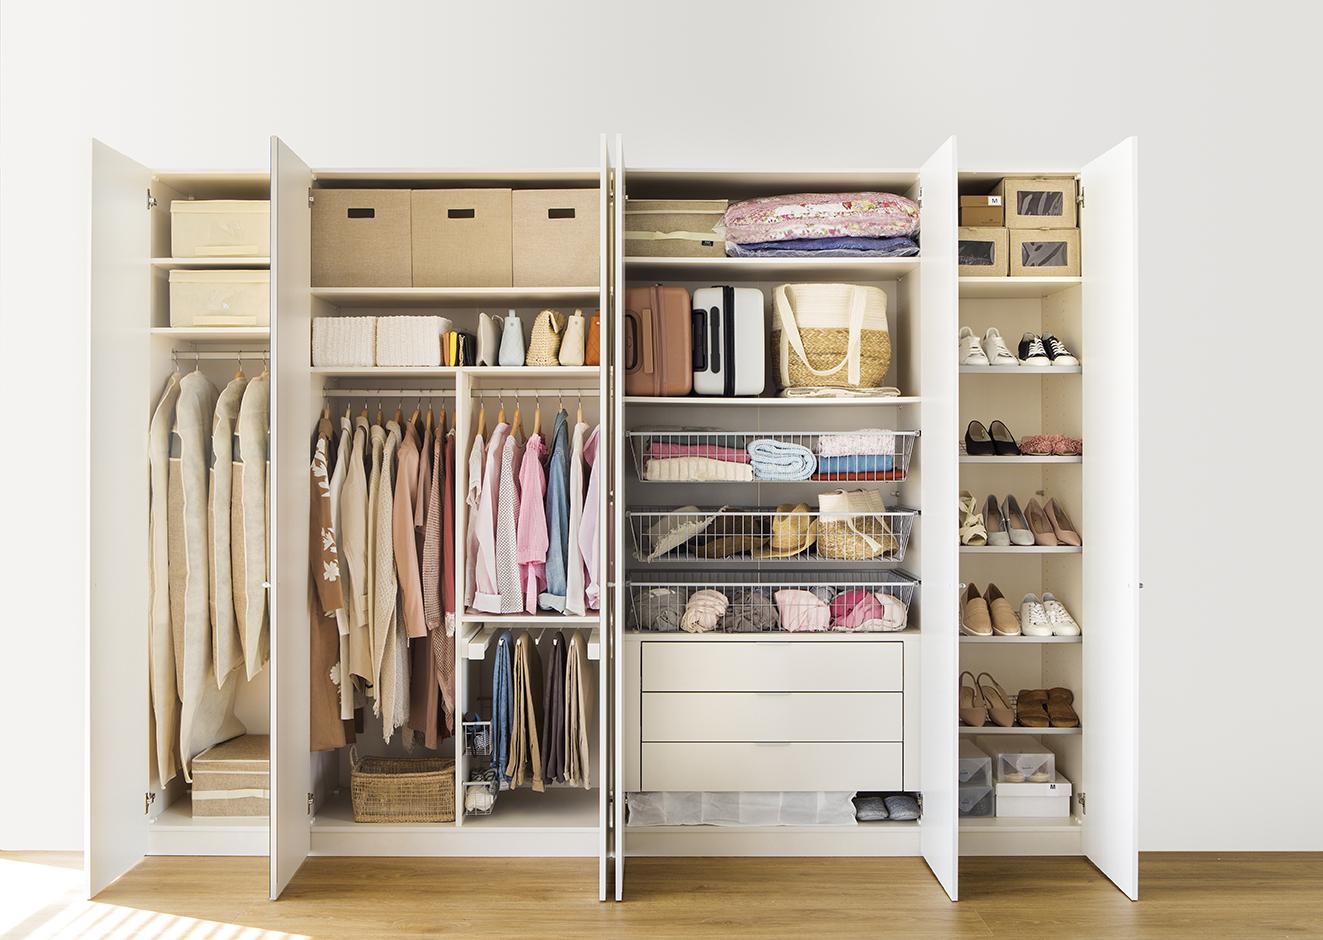 Armarios roperos armarios de cocina y armarios de ba o for Muebles para guardar zapatos y botas